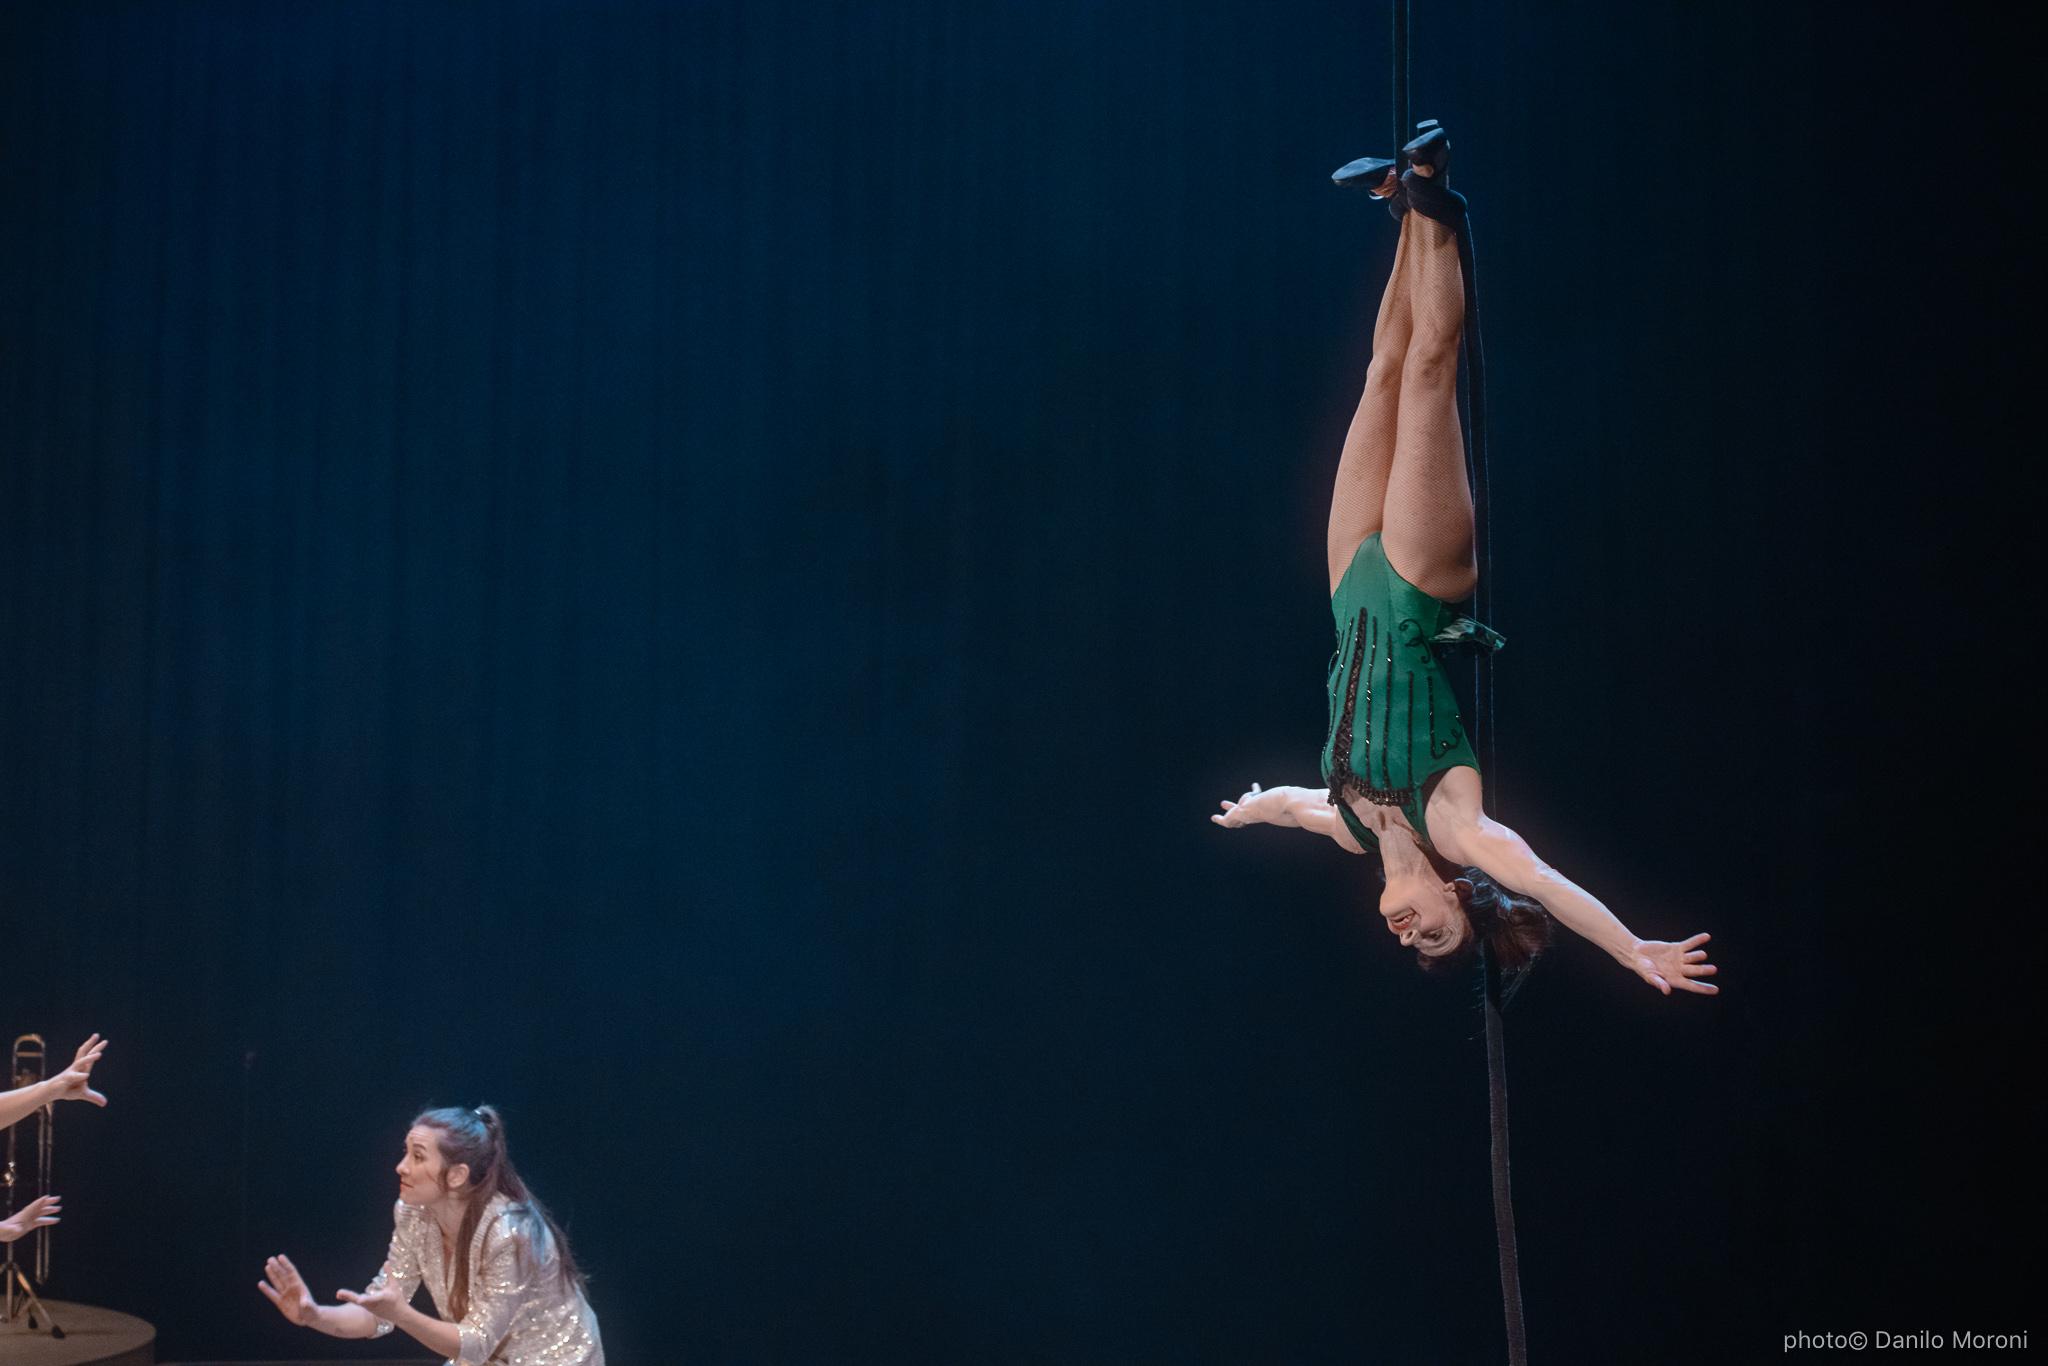 Teatro-en-vilo-Circo-Price-Miss-Mara-photo-Danilo-Moroni-095.jpg